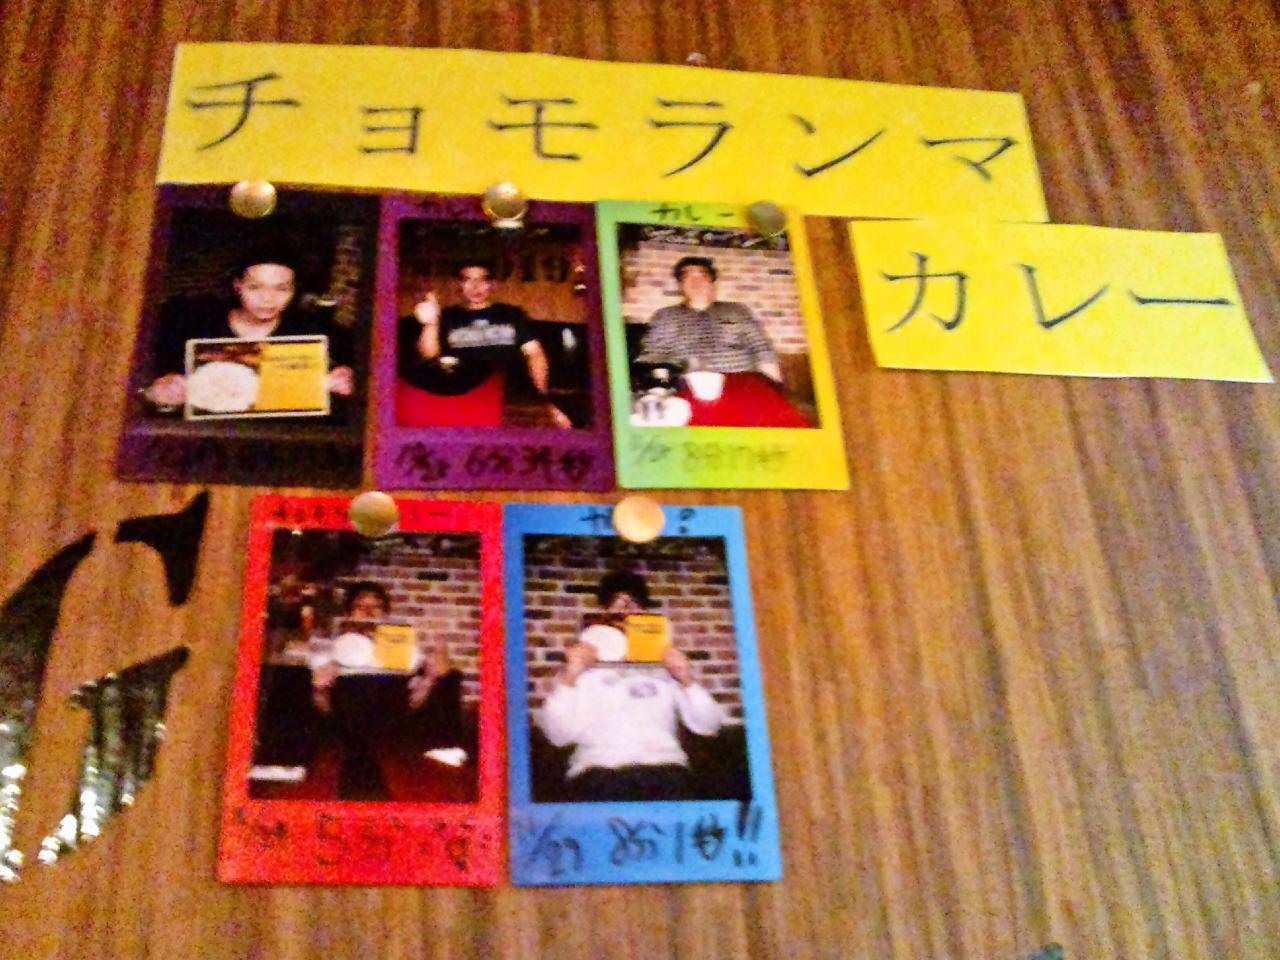 ハンバーグ&カレー919新橋駅SL広場前店(写真)